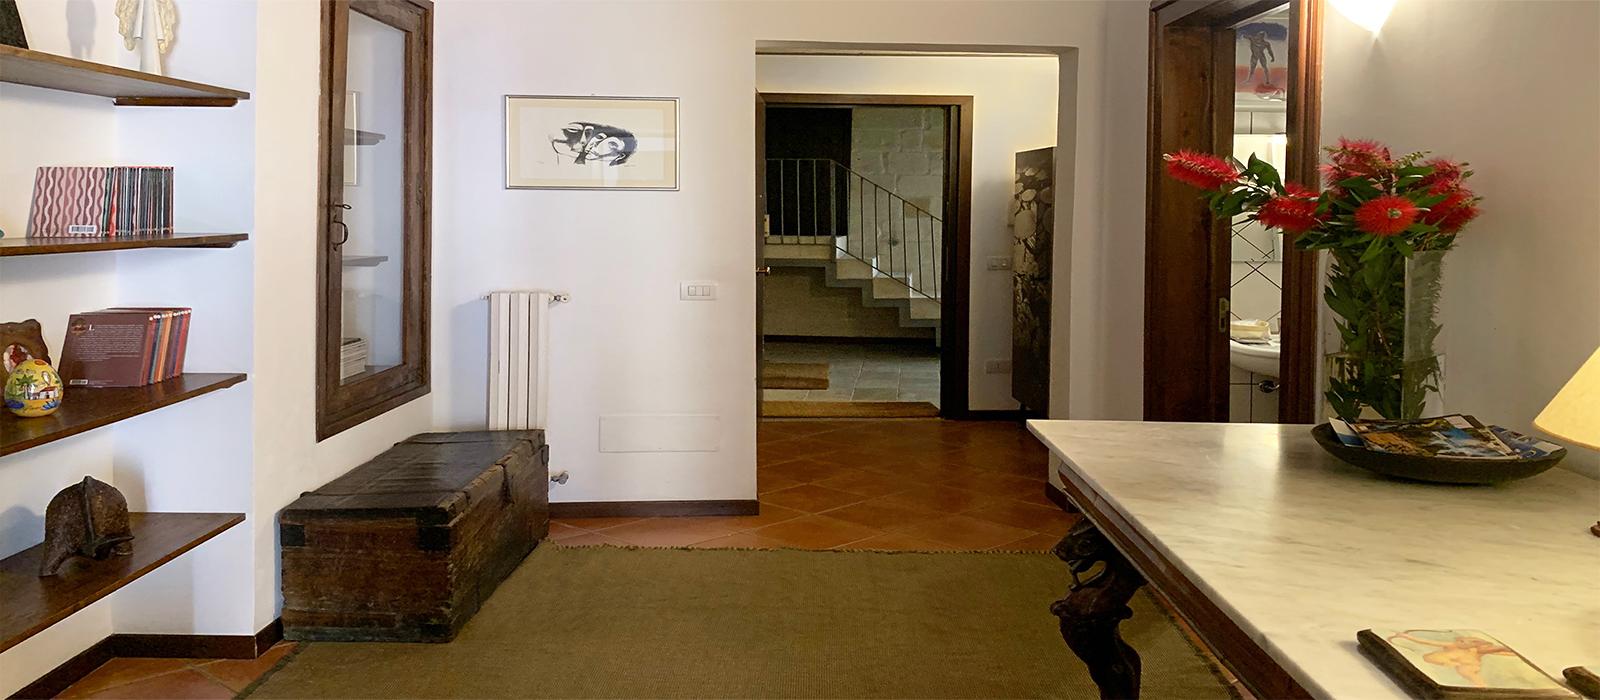 Ingresso Corridoio Appartamento 2